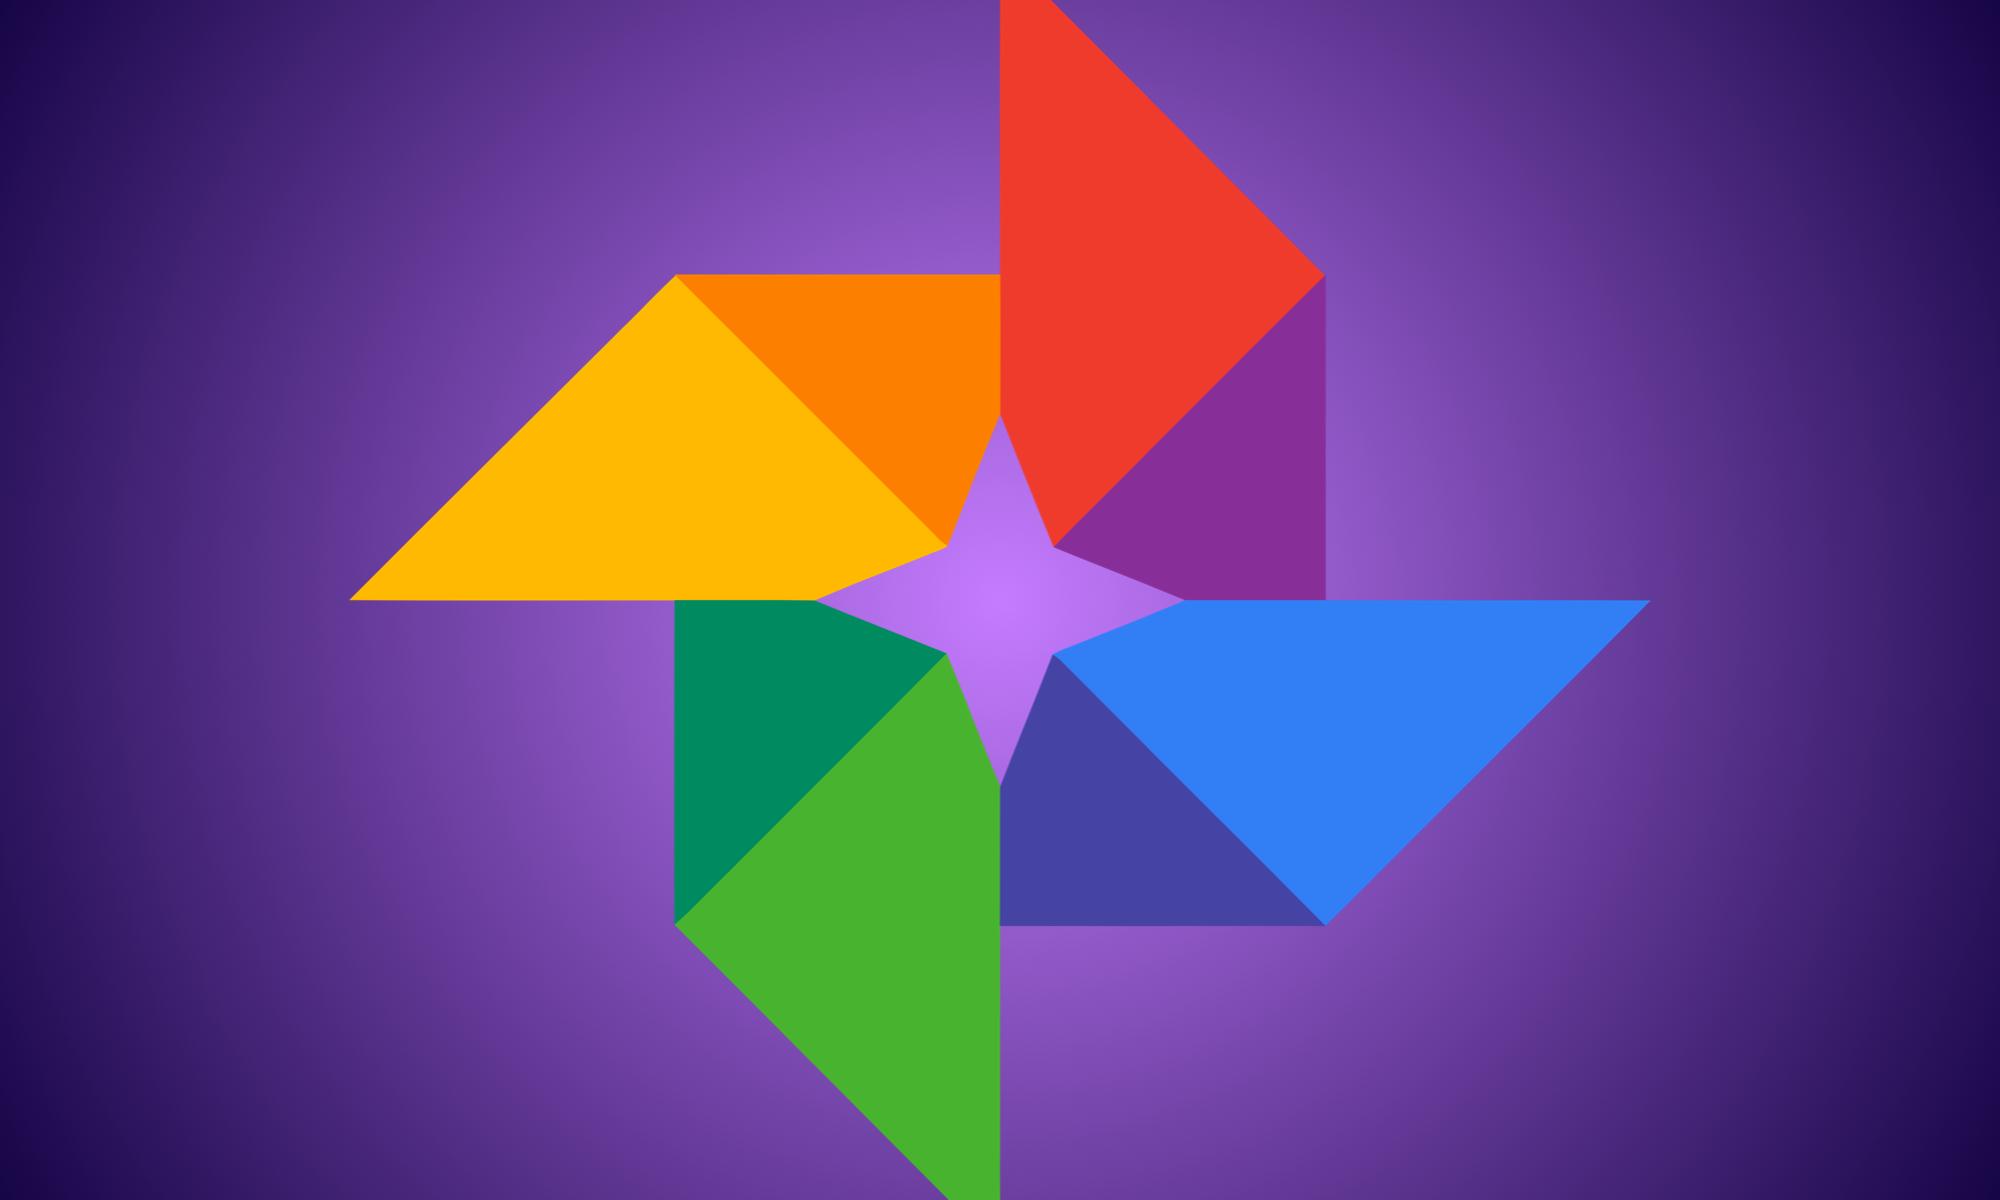 Las mejores alternativas a Google Photos para guardar fotos online